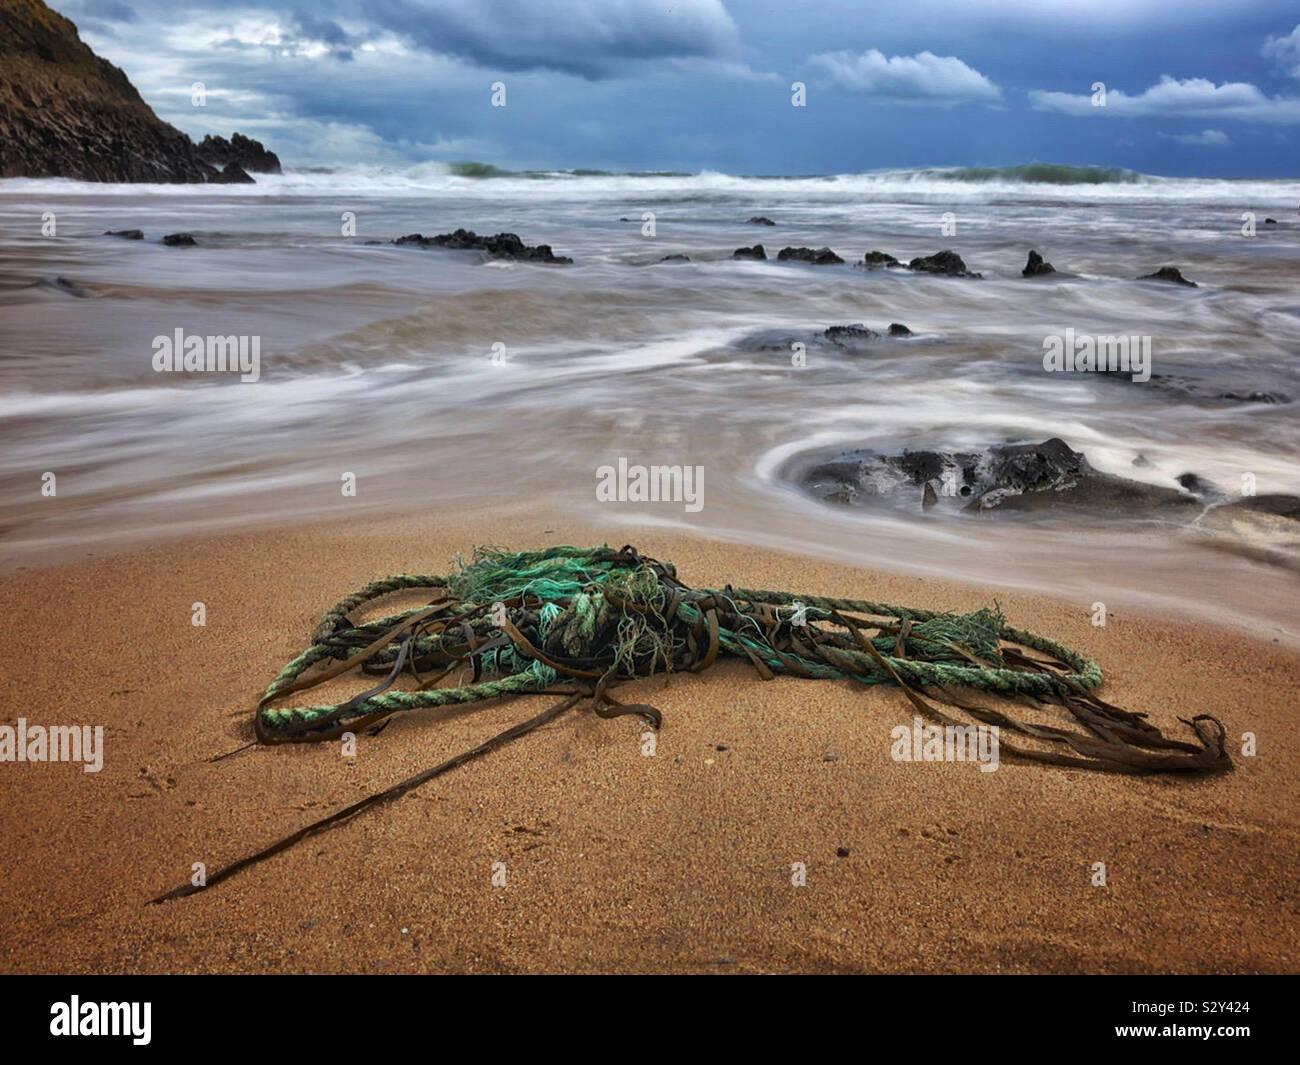 Vecchia corda lavato fino a un Welsh surf beach, Gower, Galles, Ottobre. Foto Stock